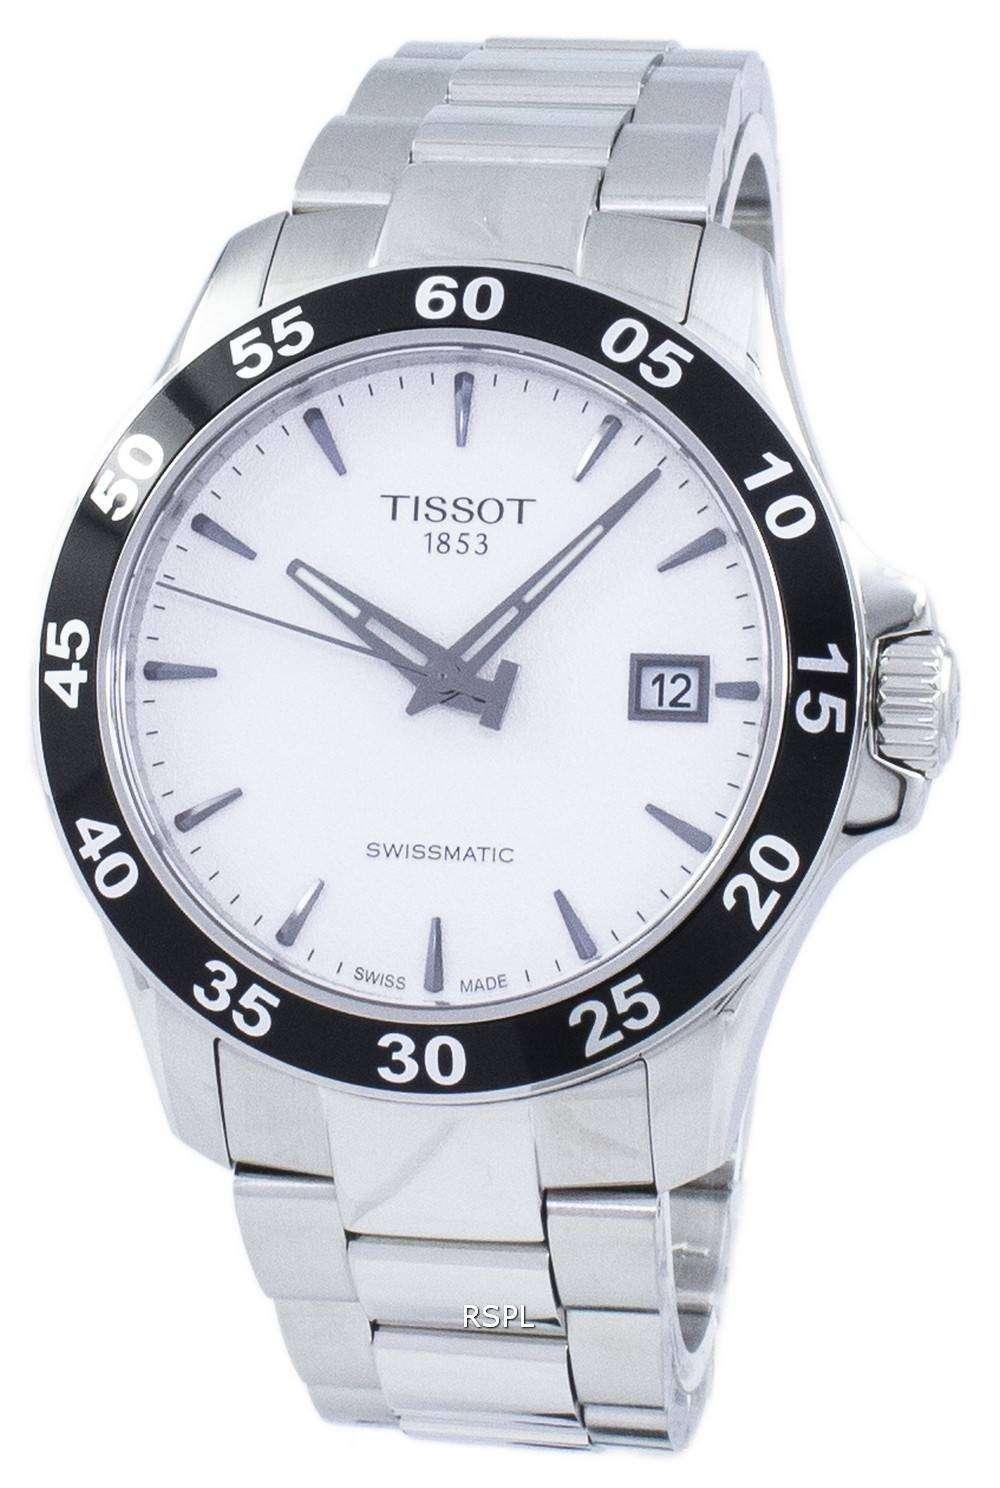 ティソ T-スポーツ V8 Swissmatic 自動 T106.407.11.031.00 T1064071103100 メンズ腕時計